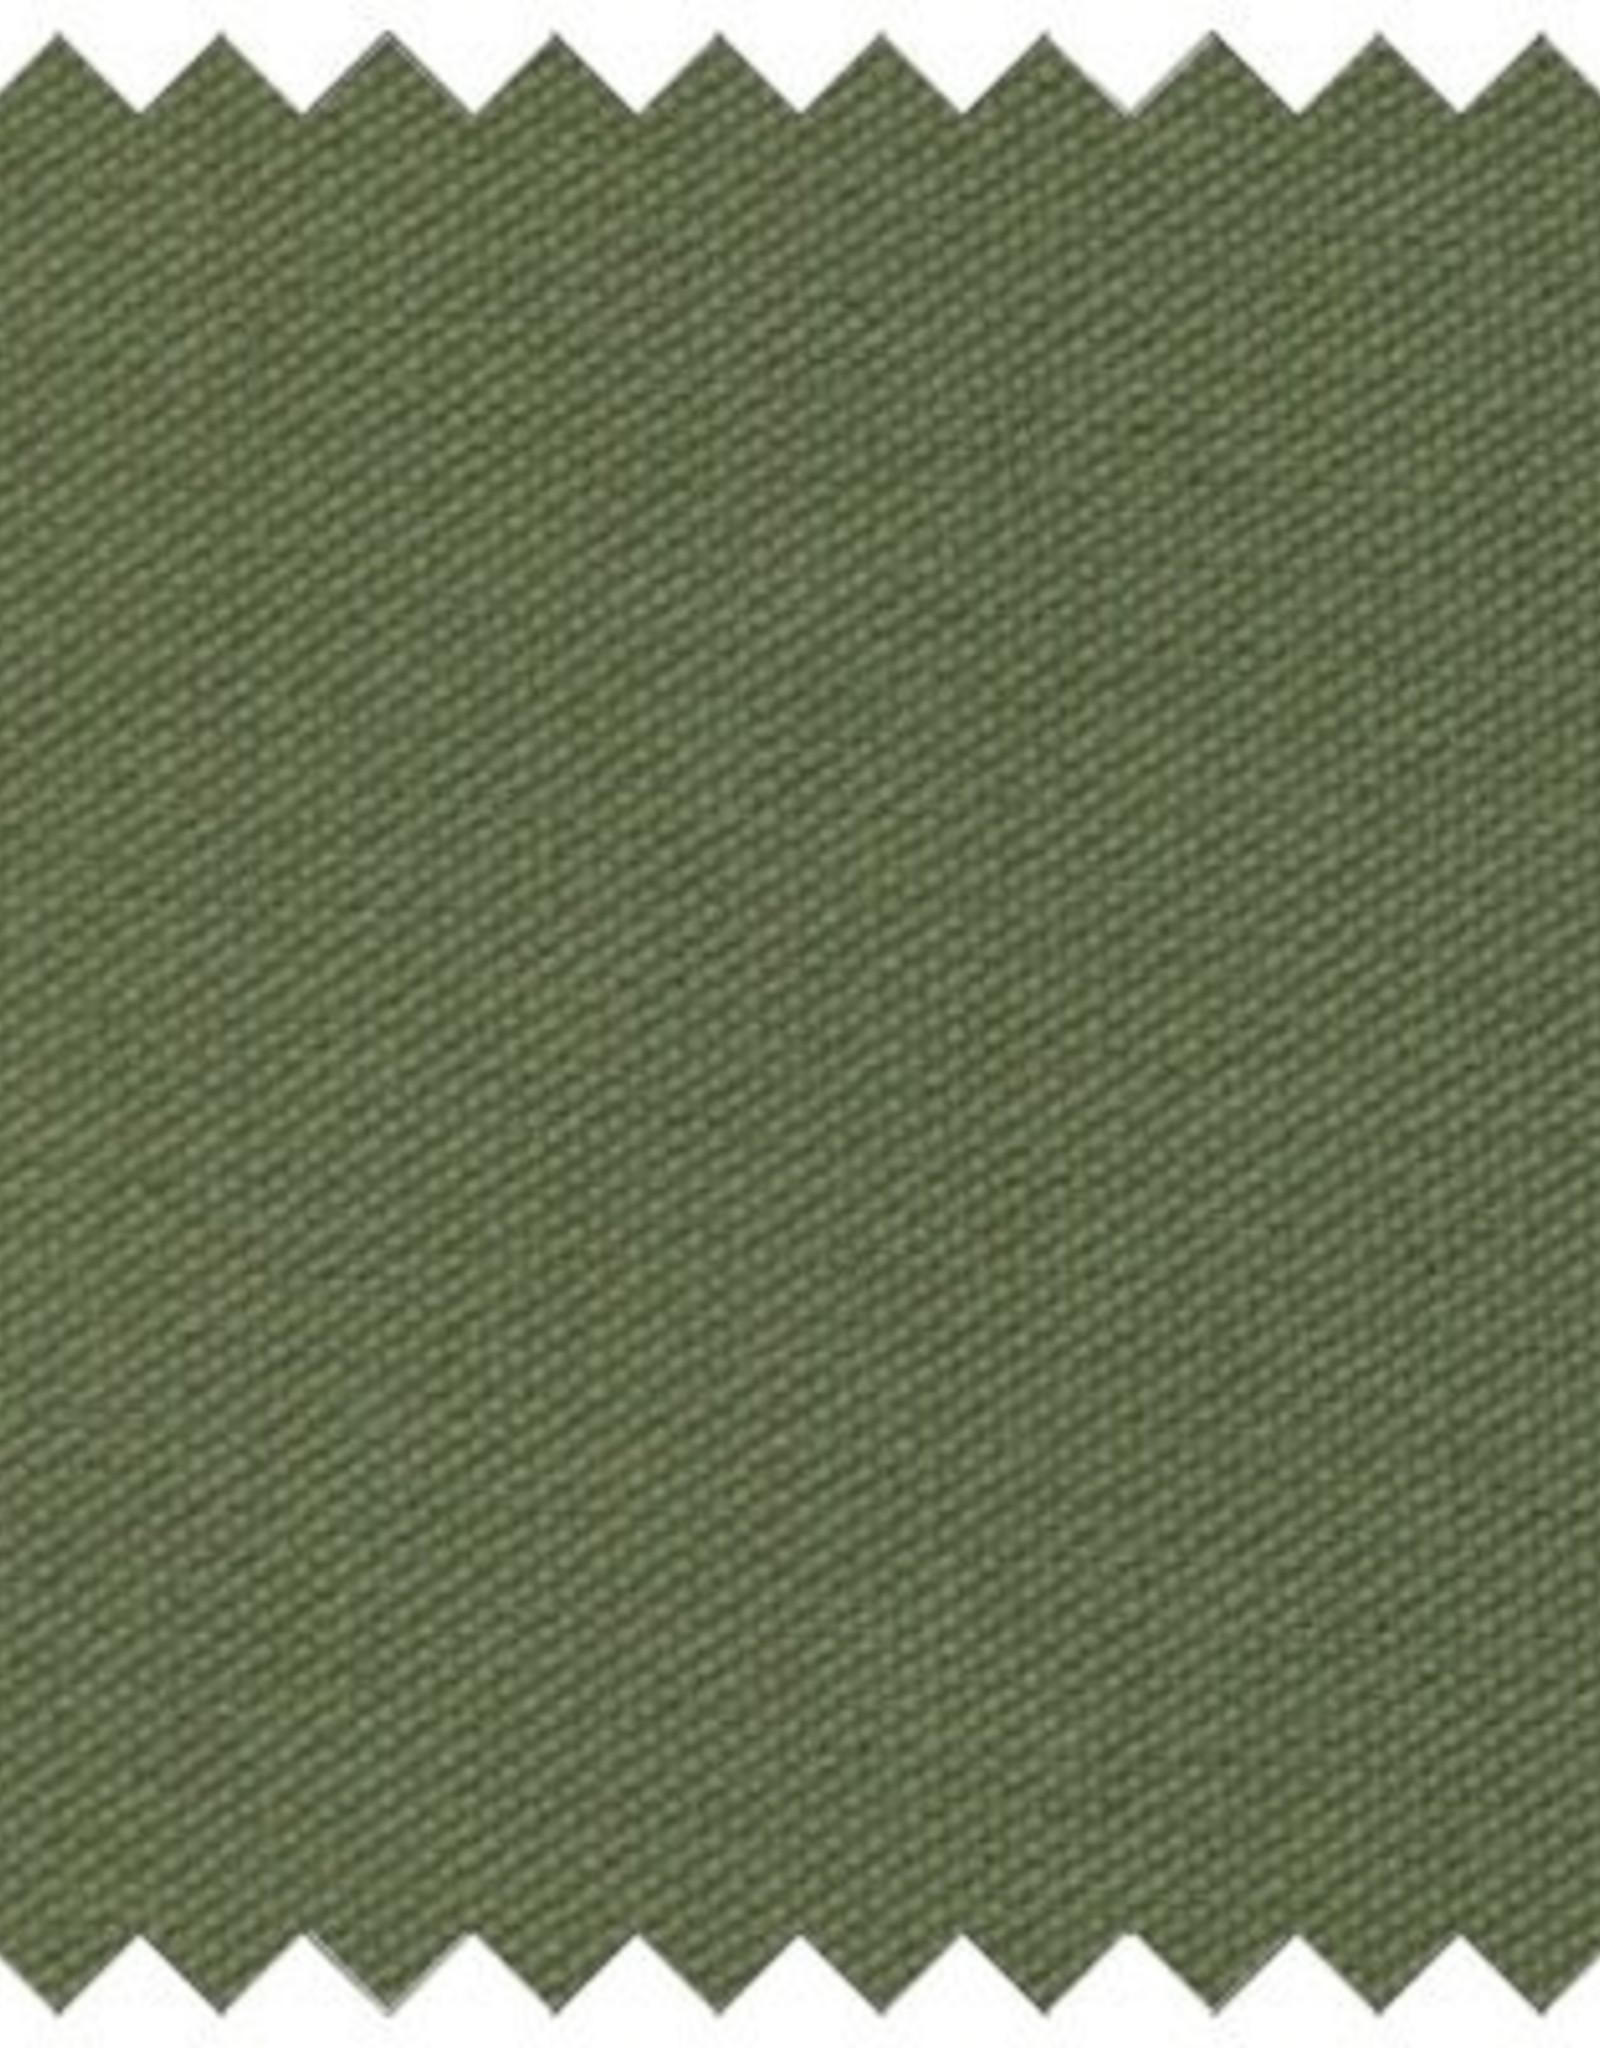 Carolina Morning Designs Zabuton - Medium - Organic Moss